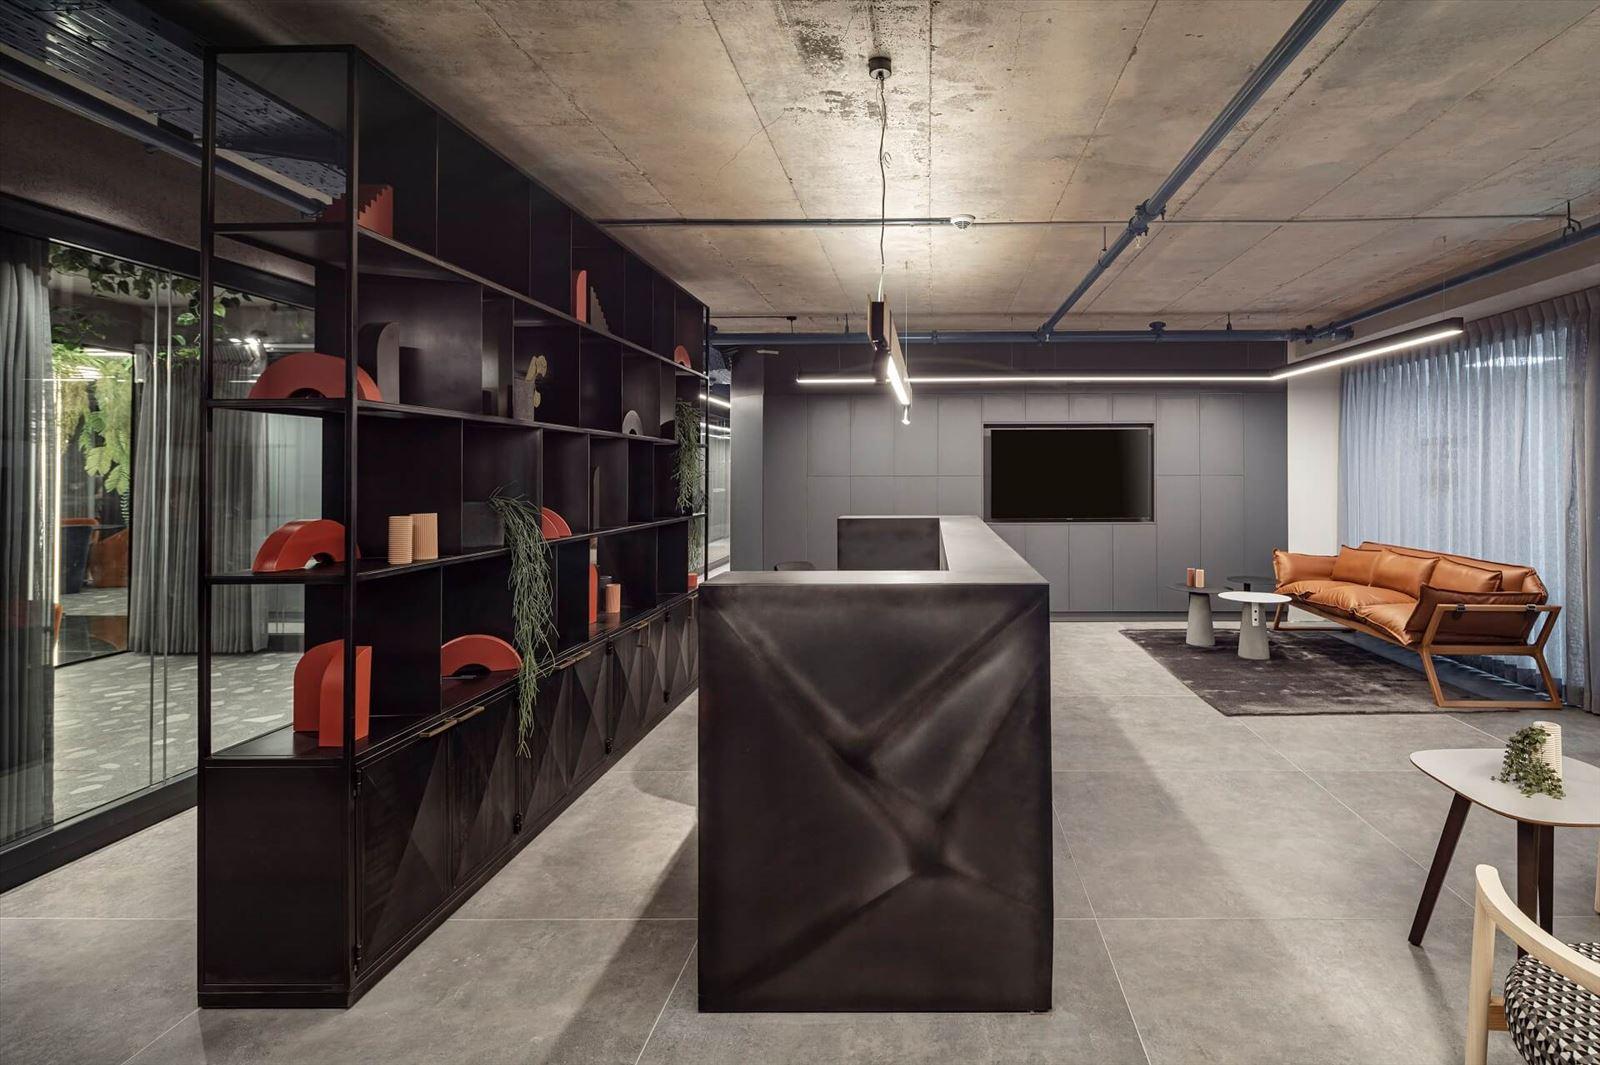 פרויקט תאורה מבית קמחי תאורה - משרדי מזרחי ובניו